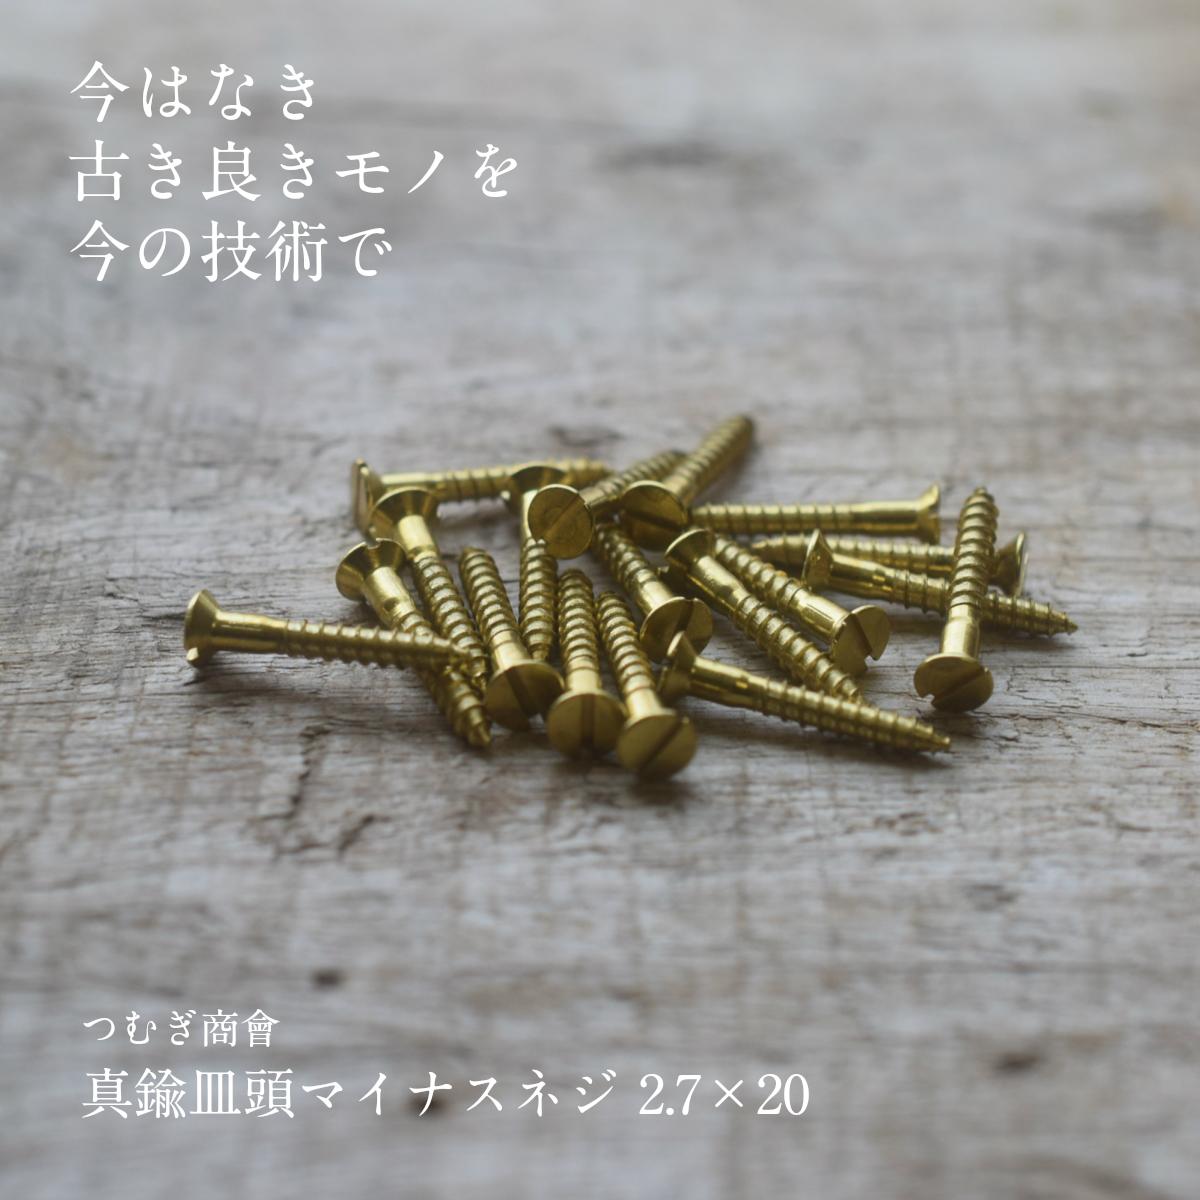 tsumugisyoukai つむぎ商會 蔵 金物 10%OFF 1袋18本入 真鍮皿頭マイナスネジ5×2.7×20mm